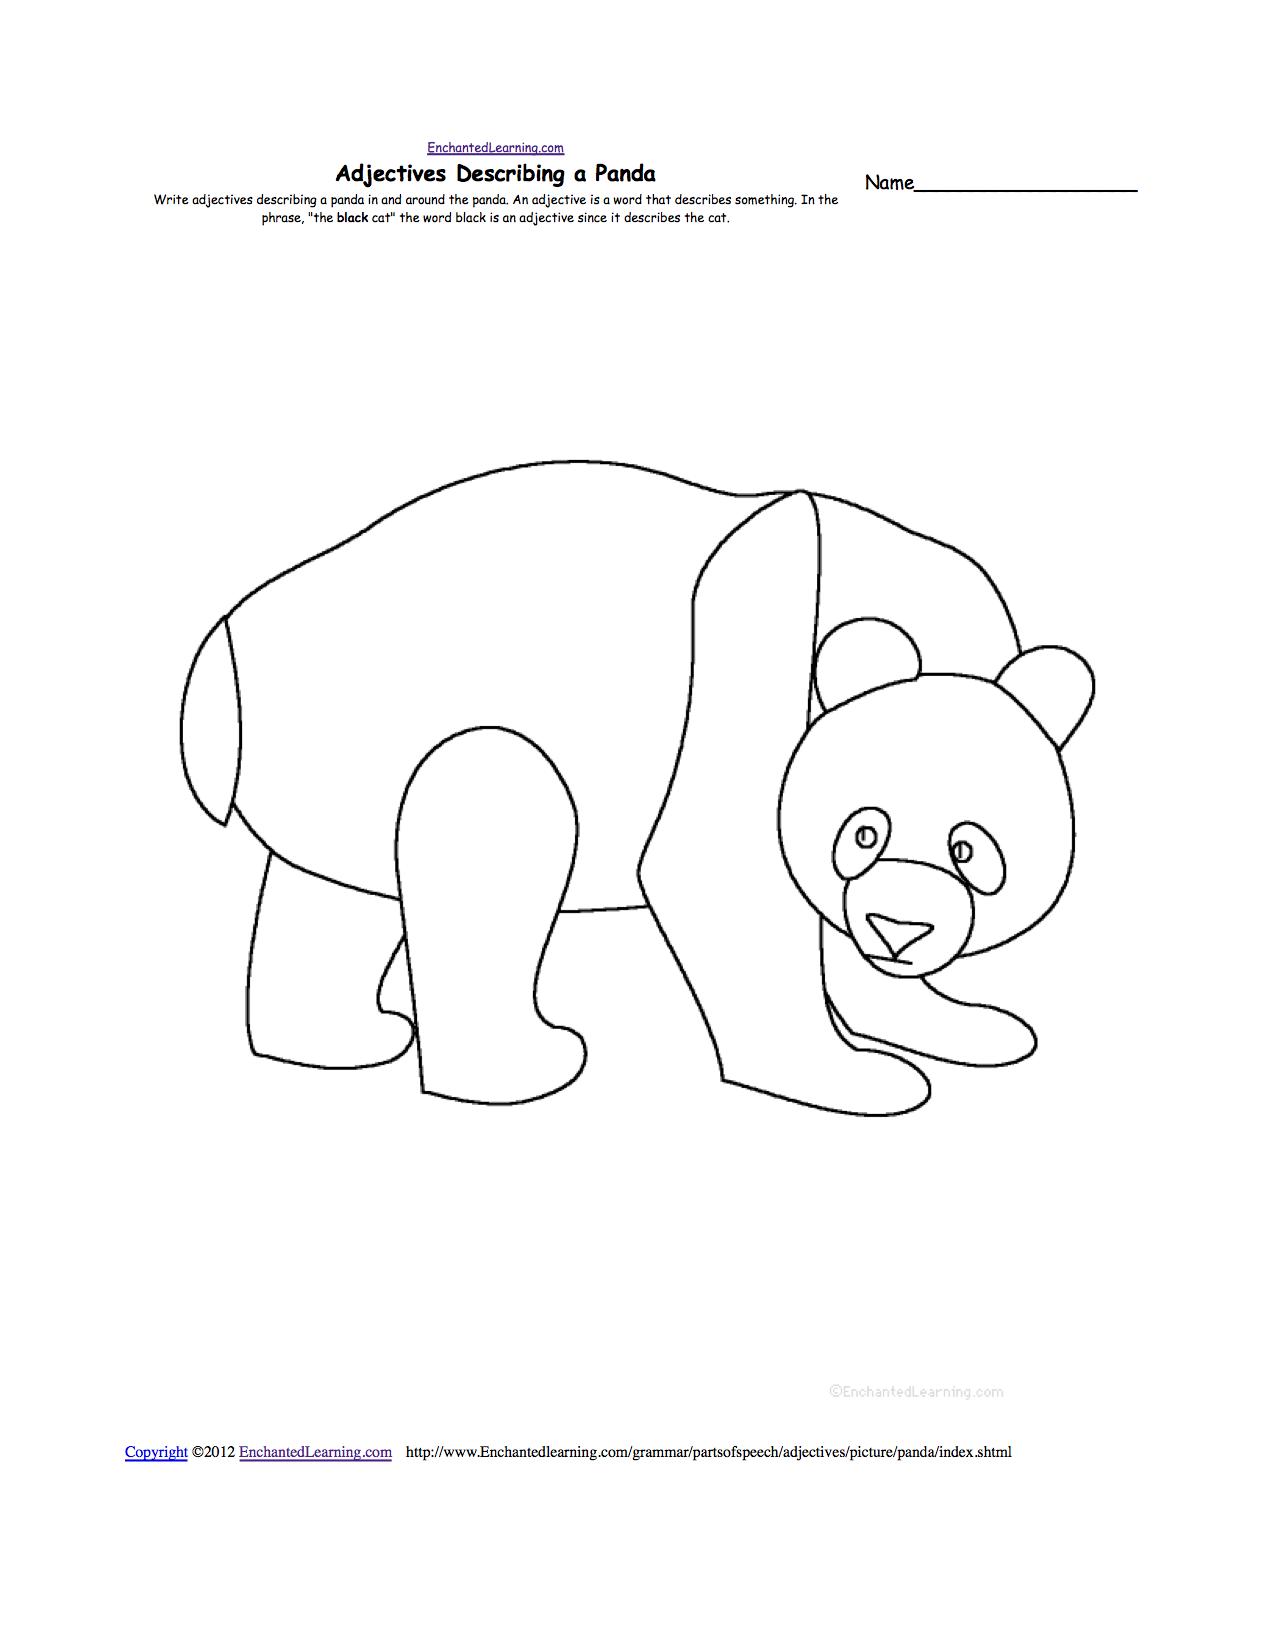 pandas at enchantedlearning com